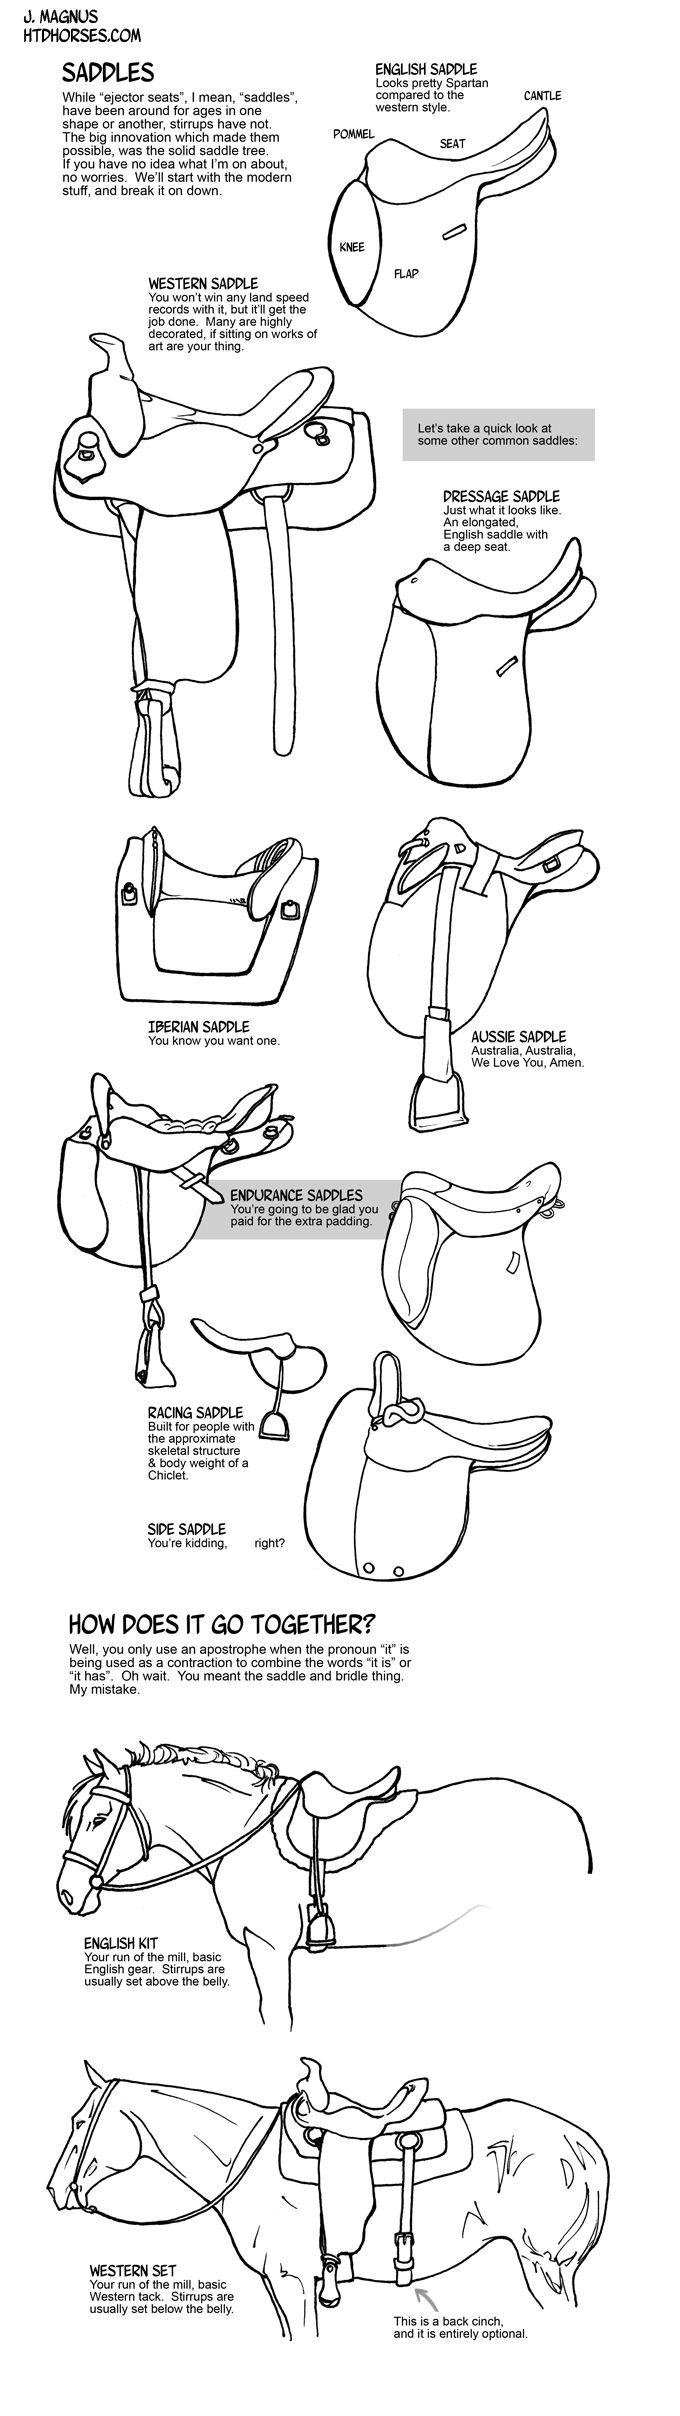 How to draw tack Saddles by sketcherjak.deviantart.com on @deviantART